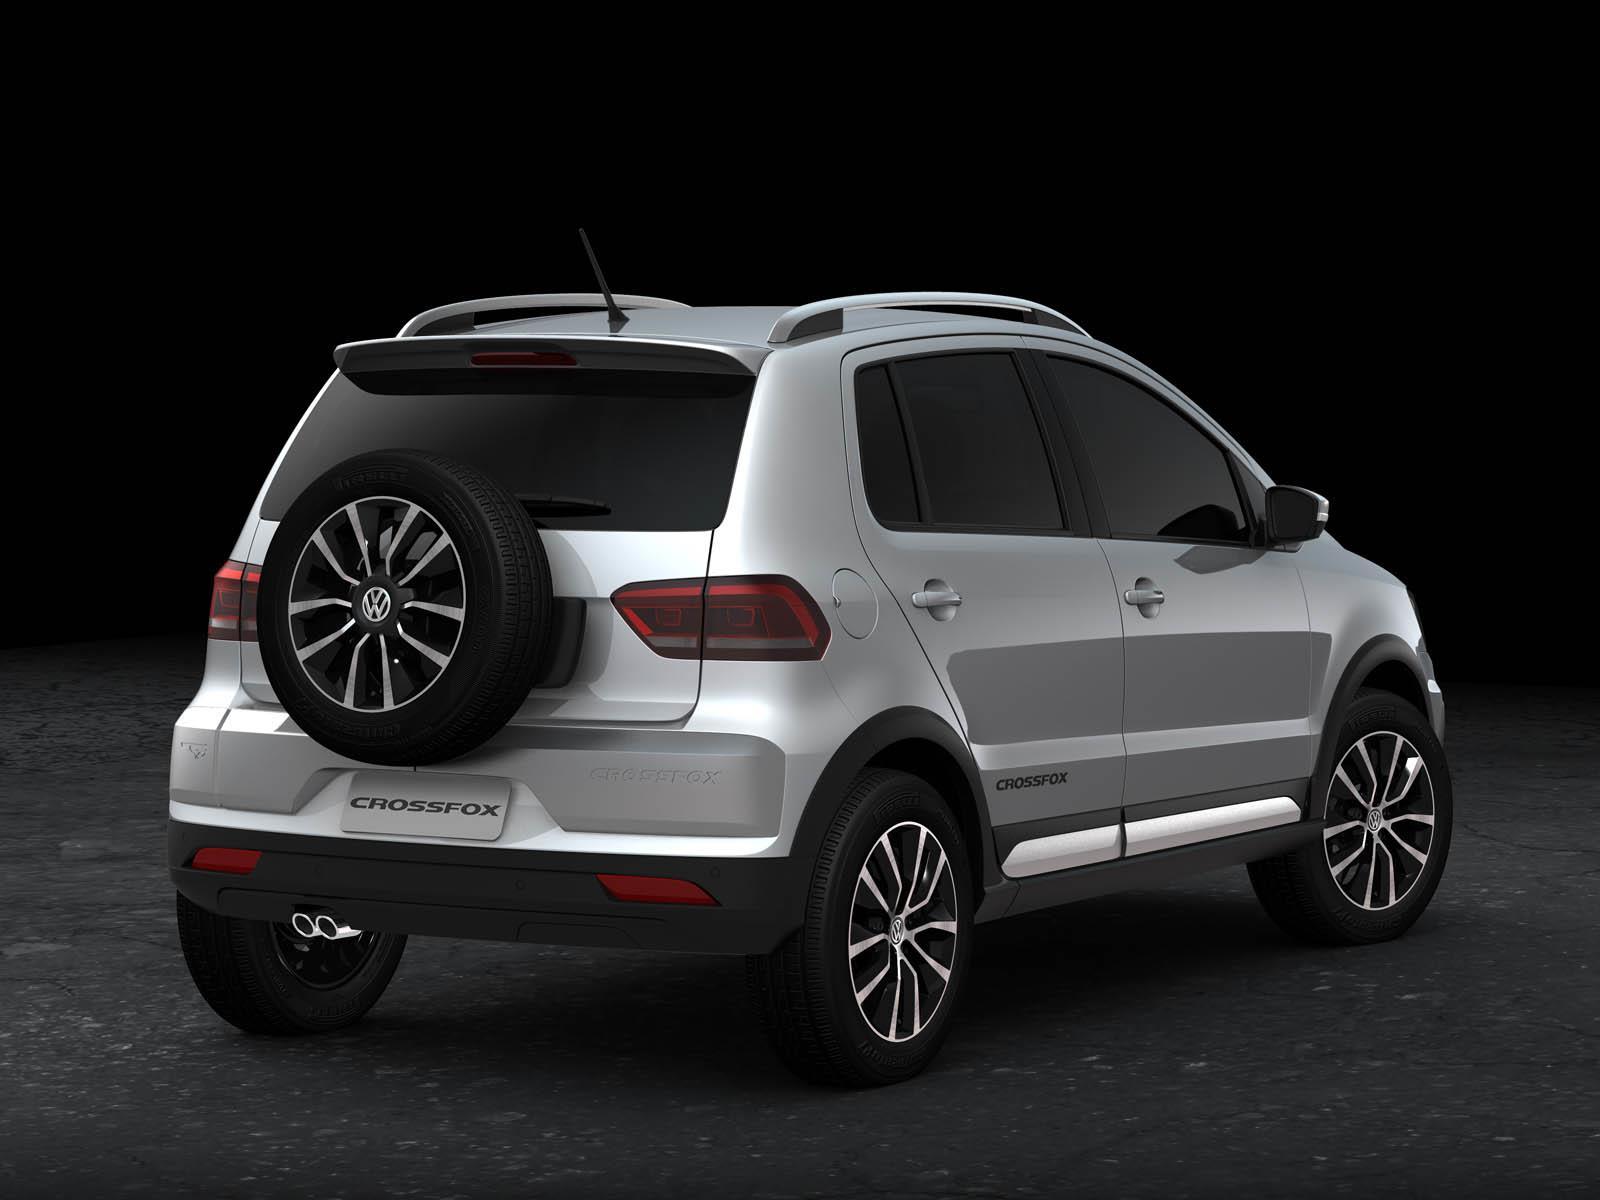 Sal 243 N De Sao Paulo 2014 Volkswagen Crossfox Se Renueva Noticias Novedades Y Presentaciones